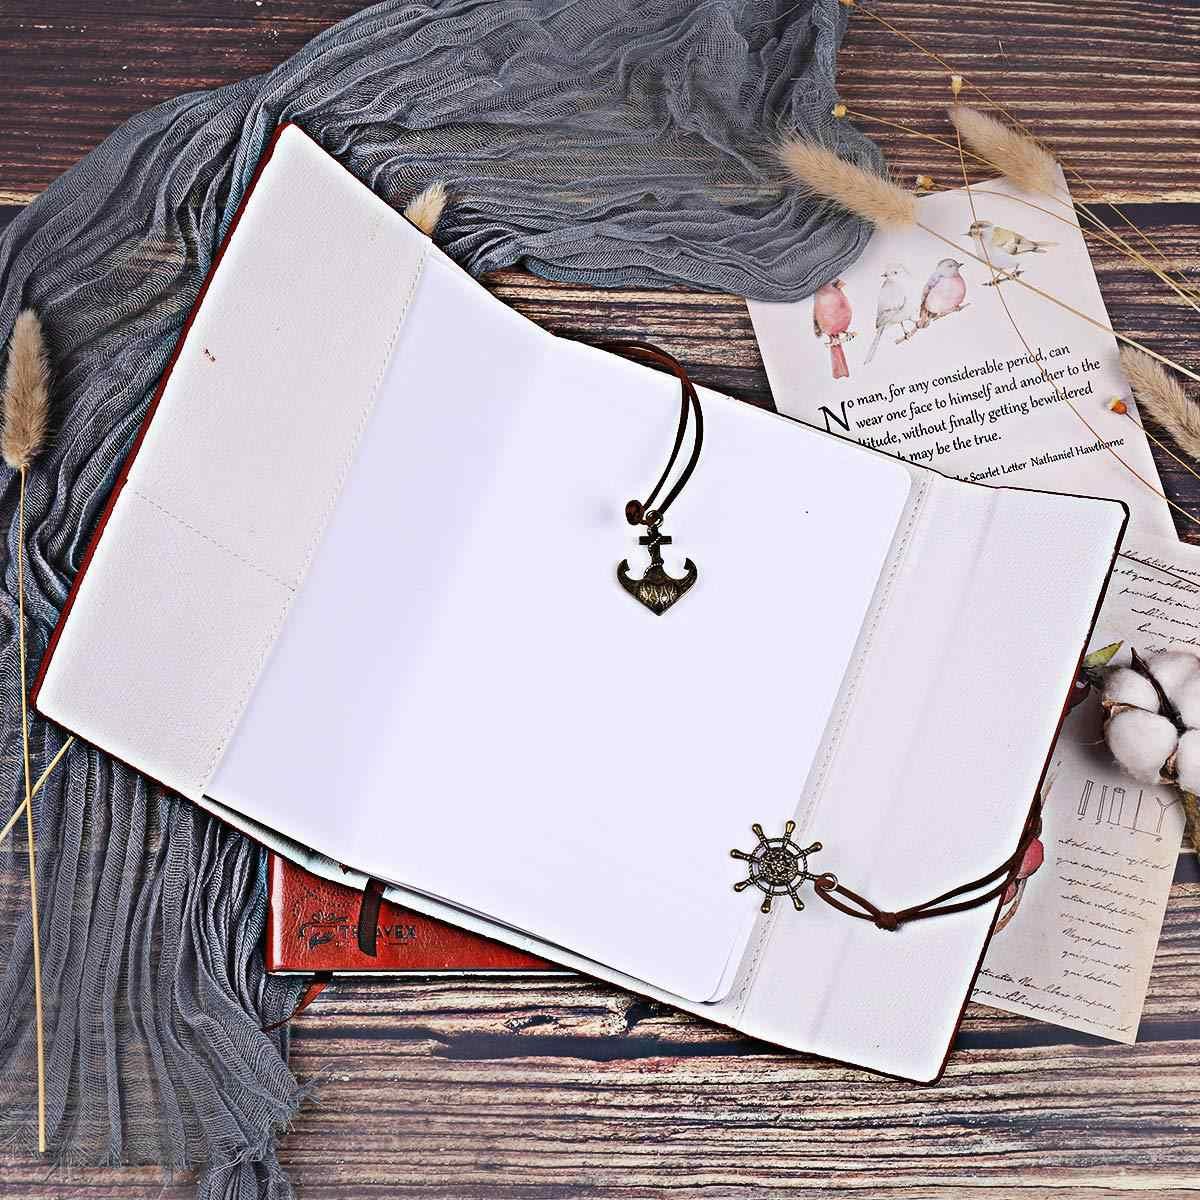 Sáng Tạo 2020 Mẹ Con Gái Xách Tay Tặng Lọ Họp Xách Tay Nhật Ký Notepad Vintage Cướp Biển MỎ NEO PU Da Xách Tay